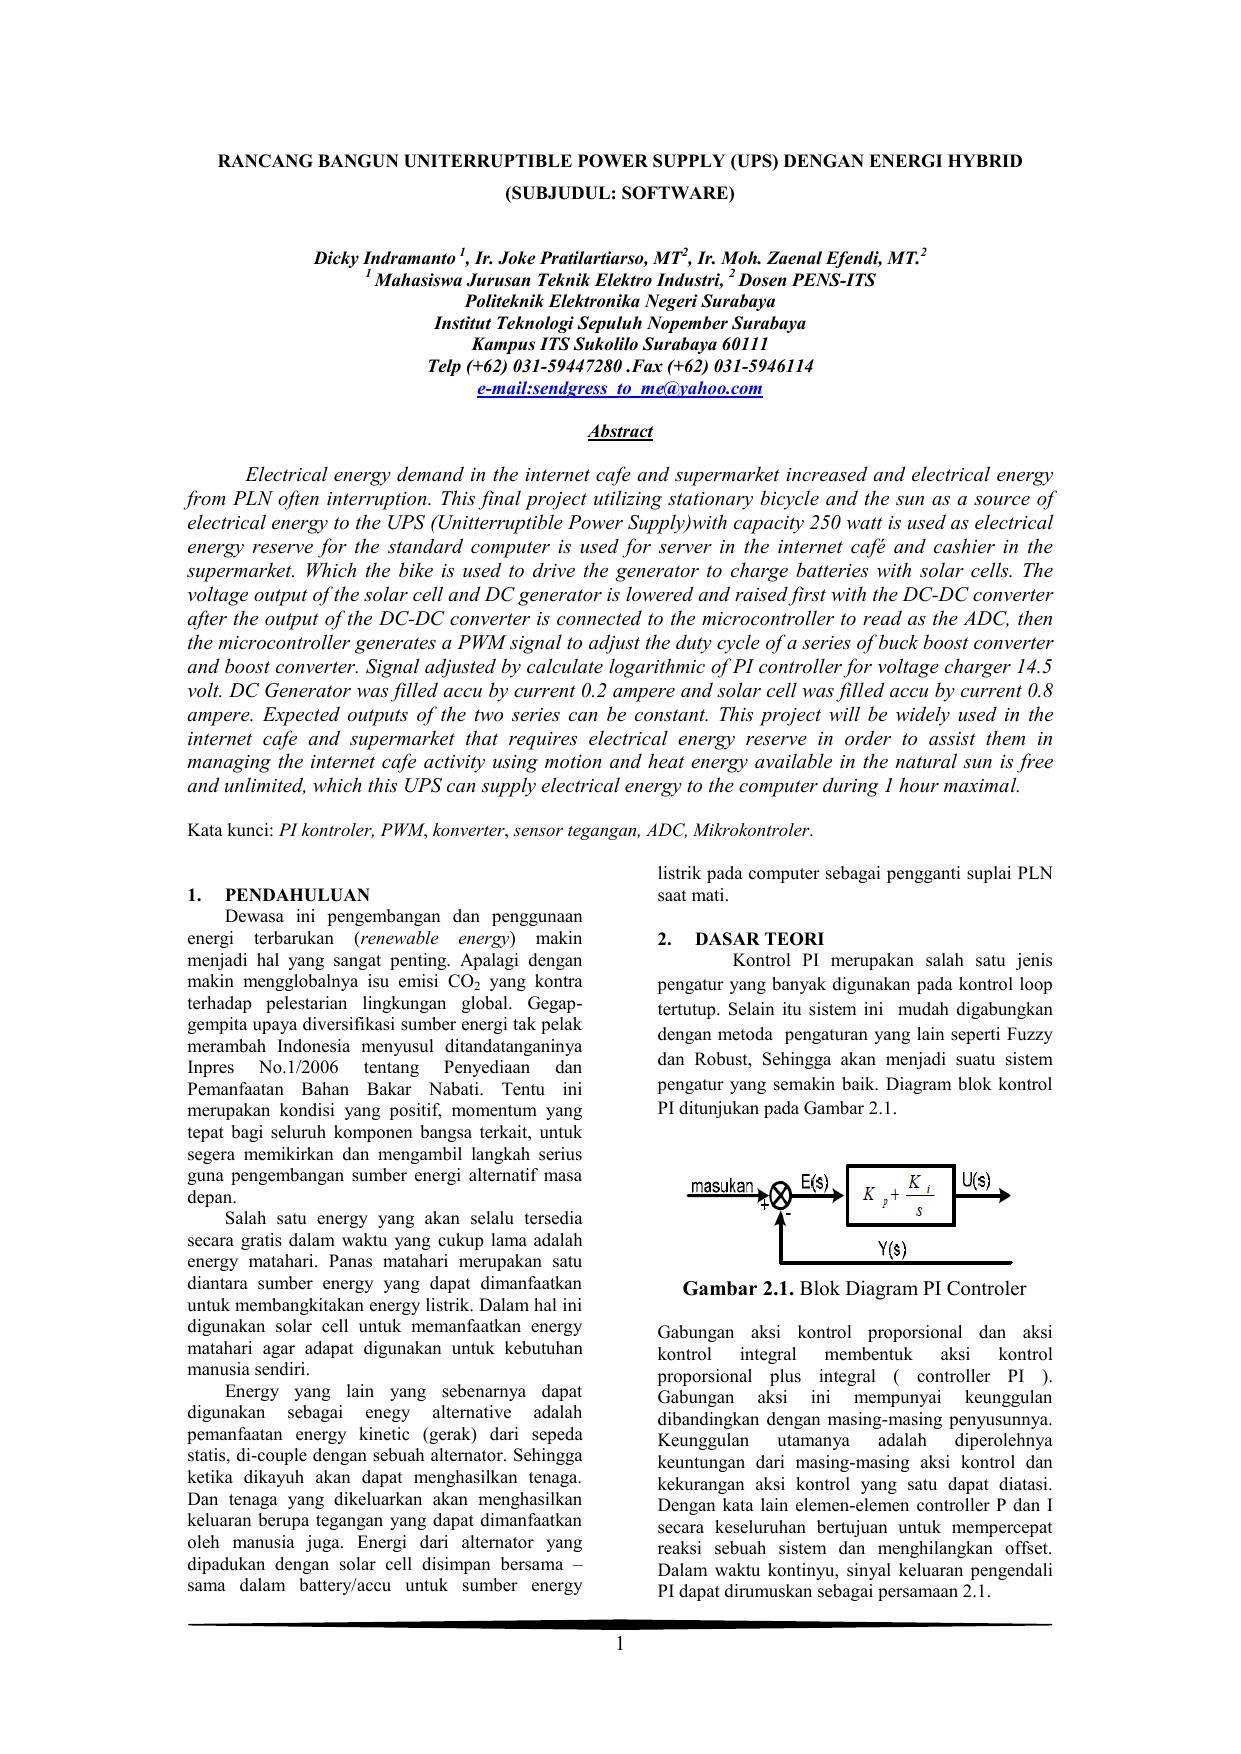 Pengaturan motor induksi 1 phase sebagai penggerak mobil listrik ccuart Image collections